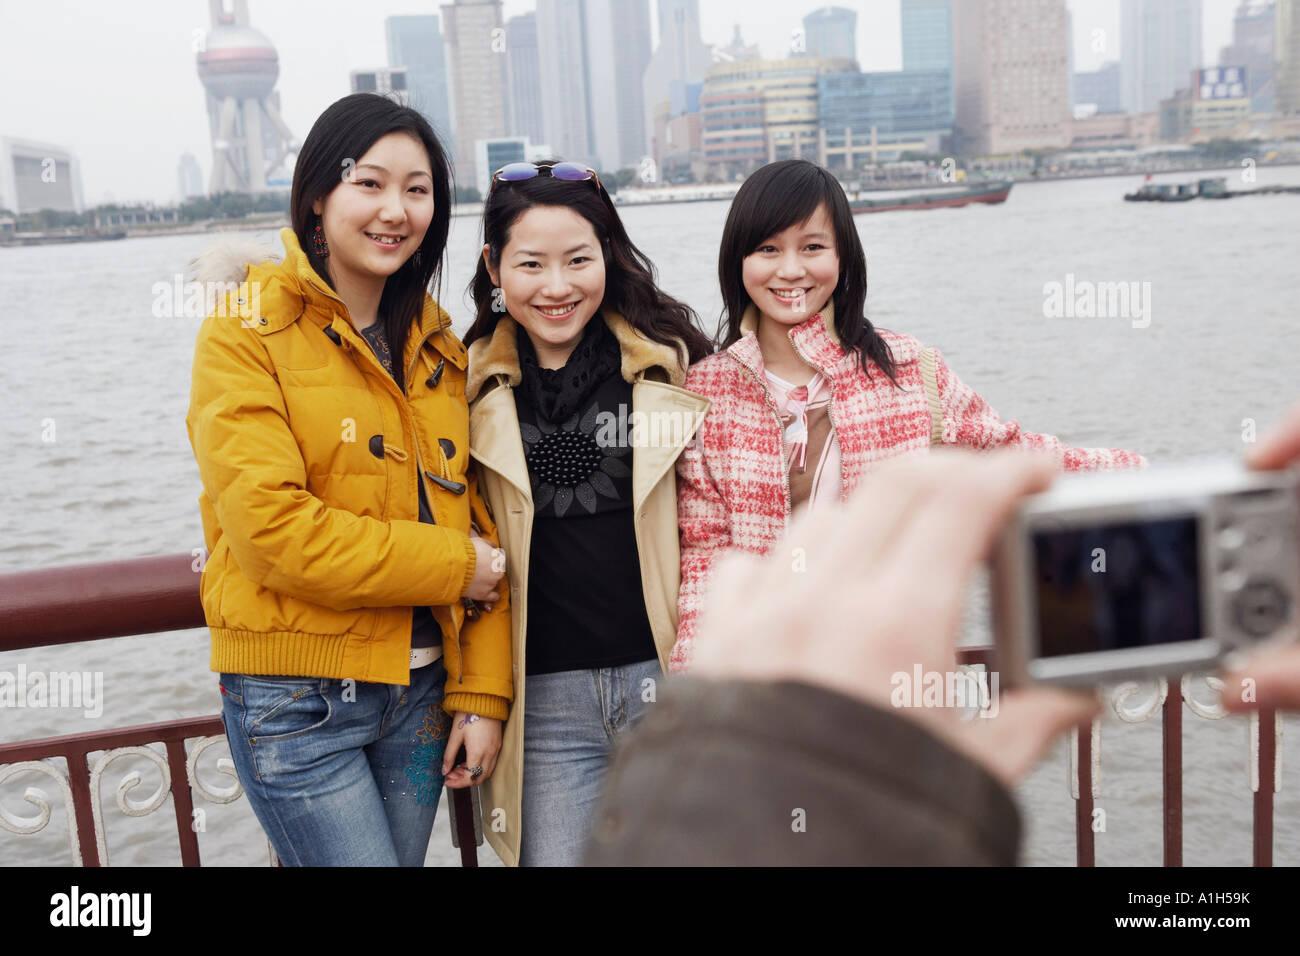 Drei junge Frauen posieren Stockbild